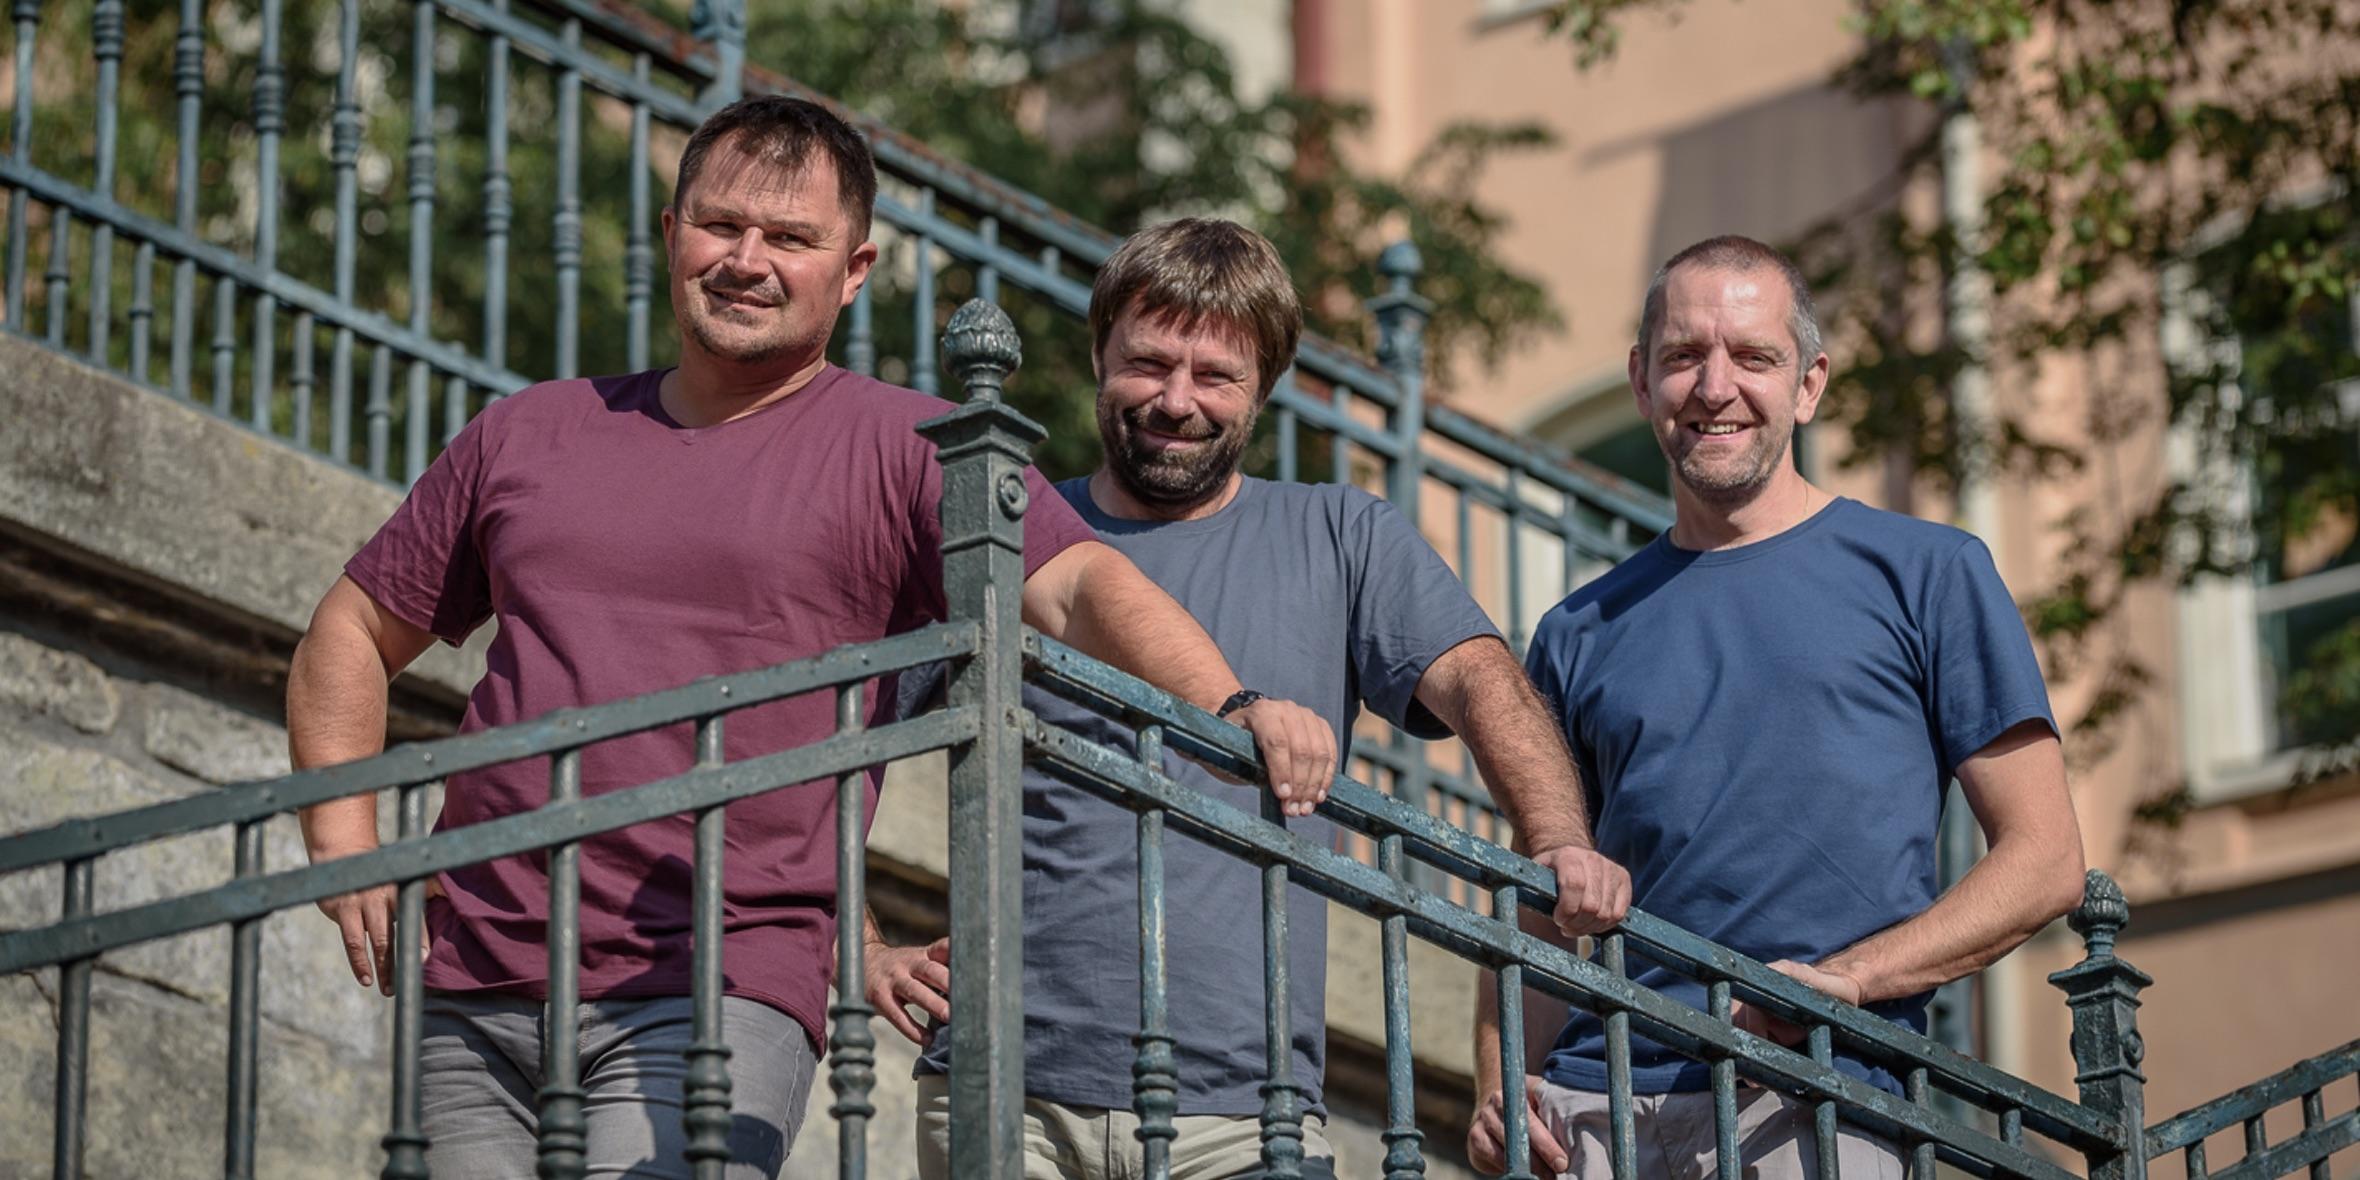 Unikátní české triko, které nepropotíte ani neumažete. Tři kamarádi z Chrudimi vytváří textil budoucnosti